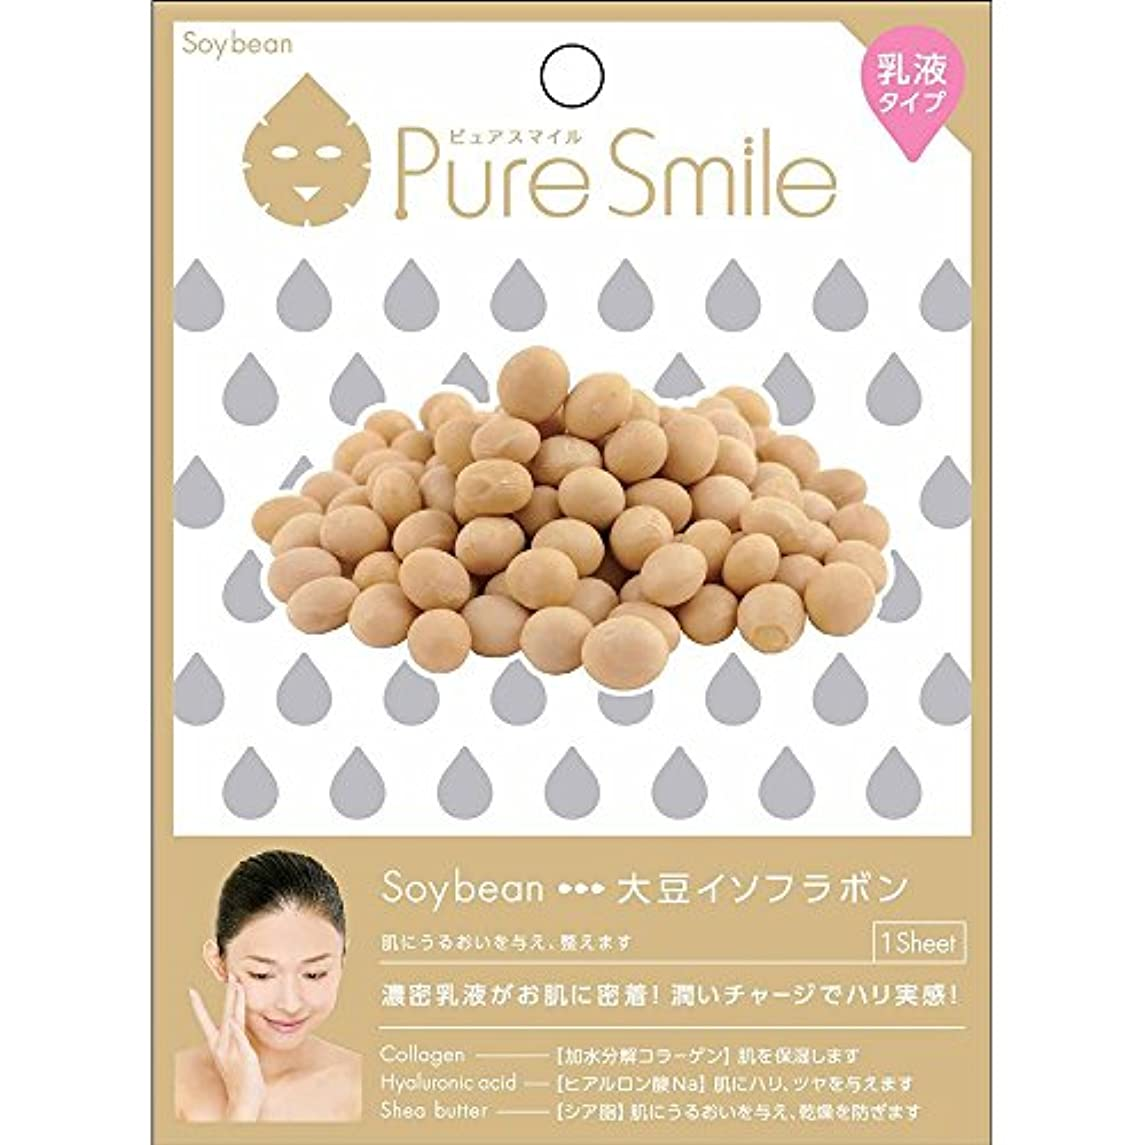 従順な機会メリーPure Smile(ピュアスマイル) 乳液エッセンスマスク 1 枚 大豆イソフラボン